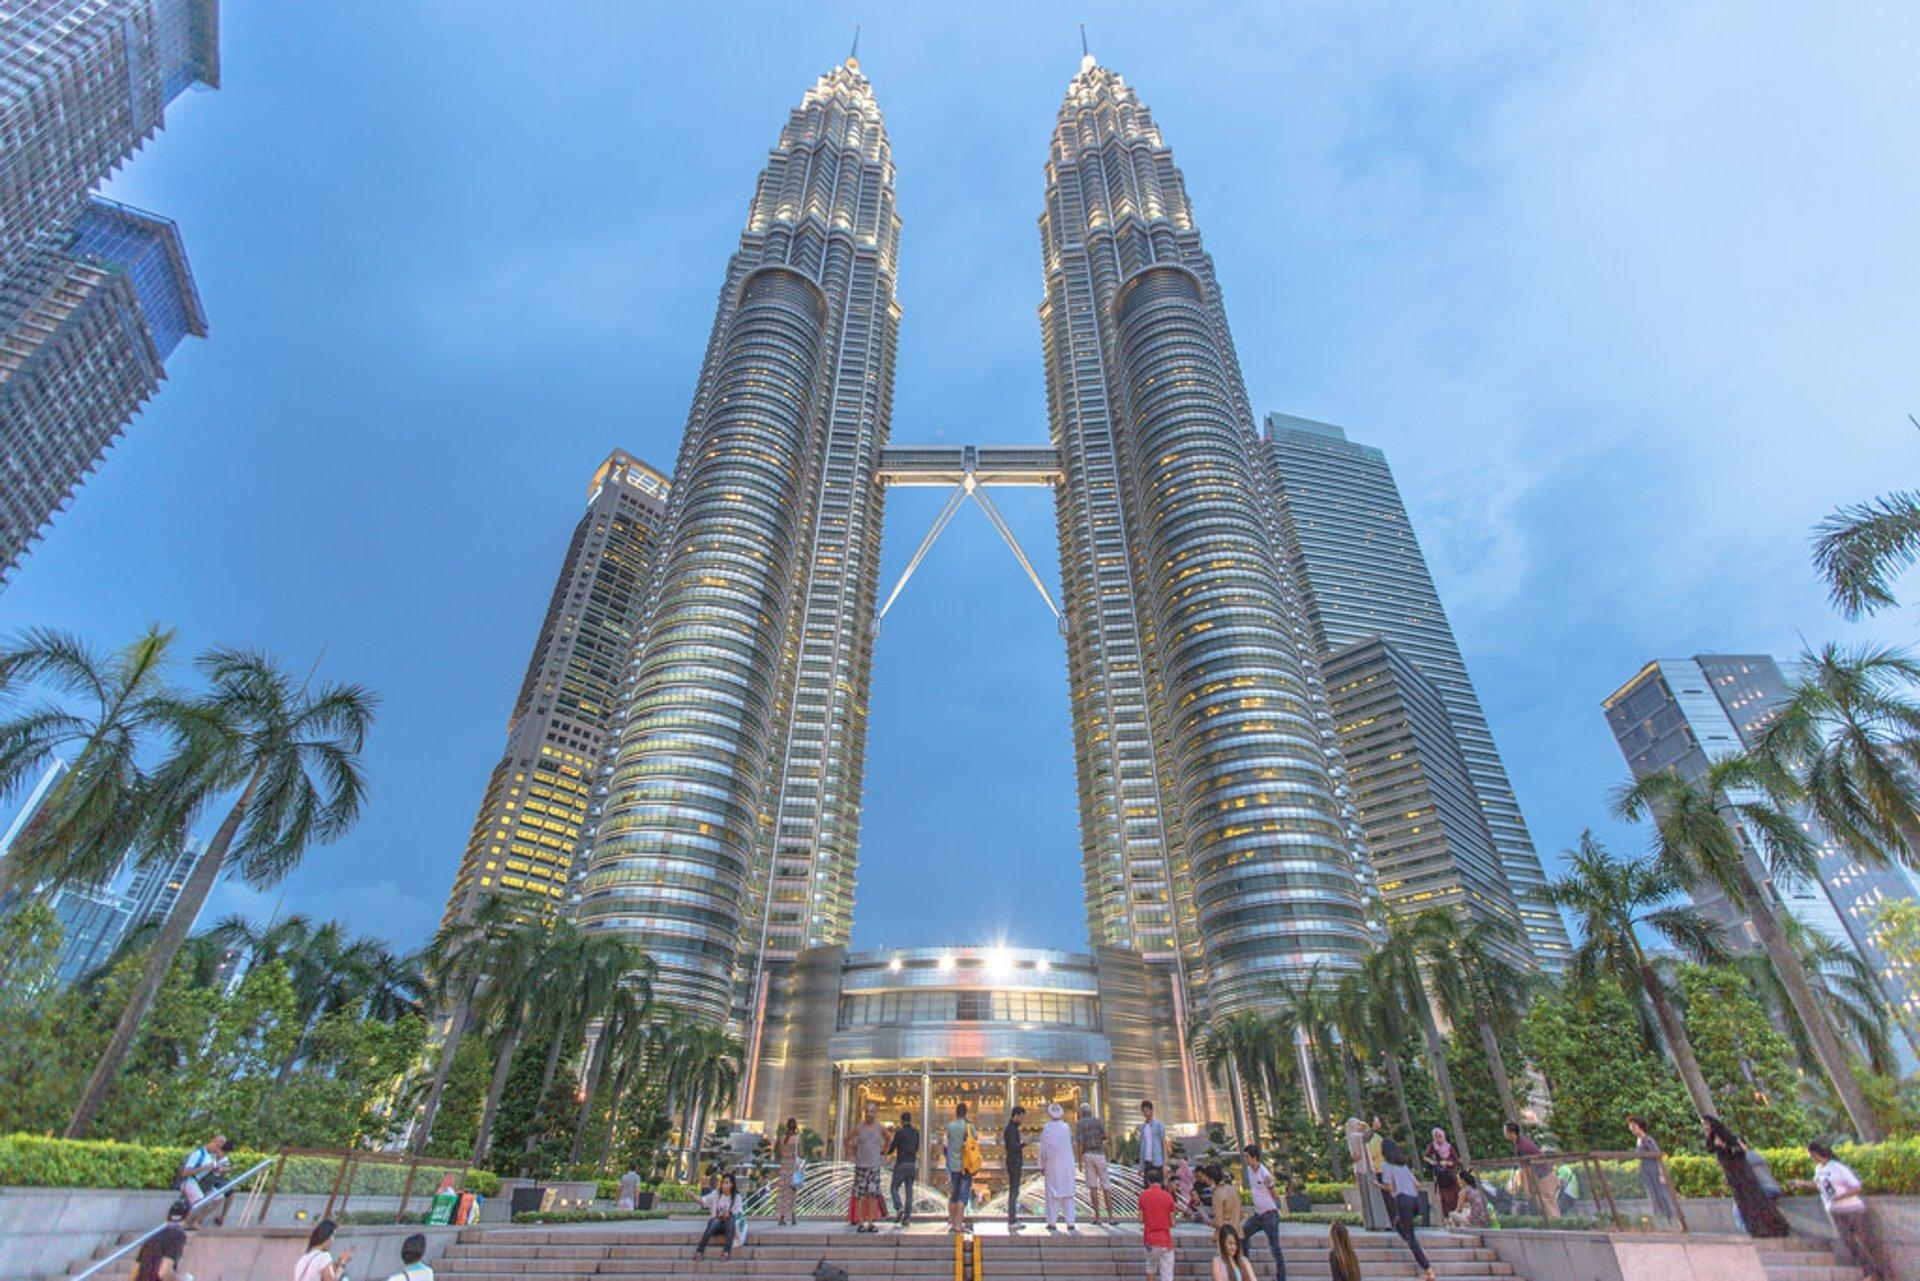 Petronas Twin Towers in Kuala Lumpur 2019 - Best Time